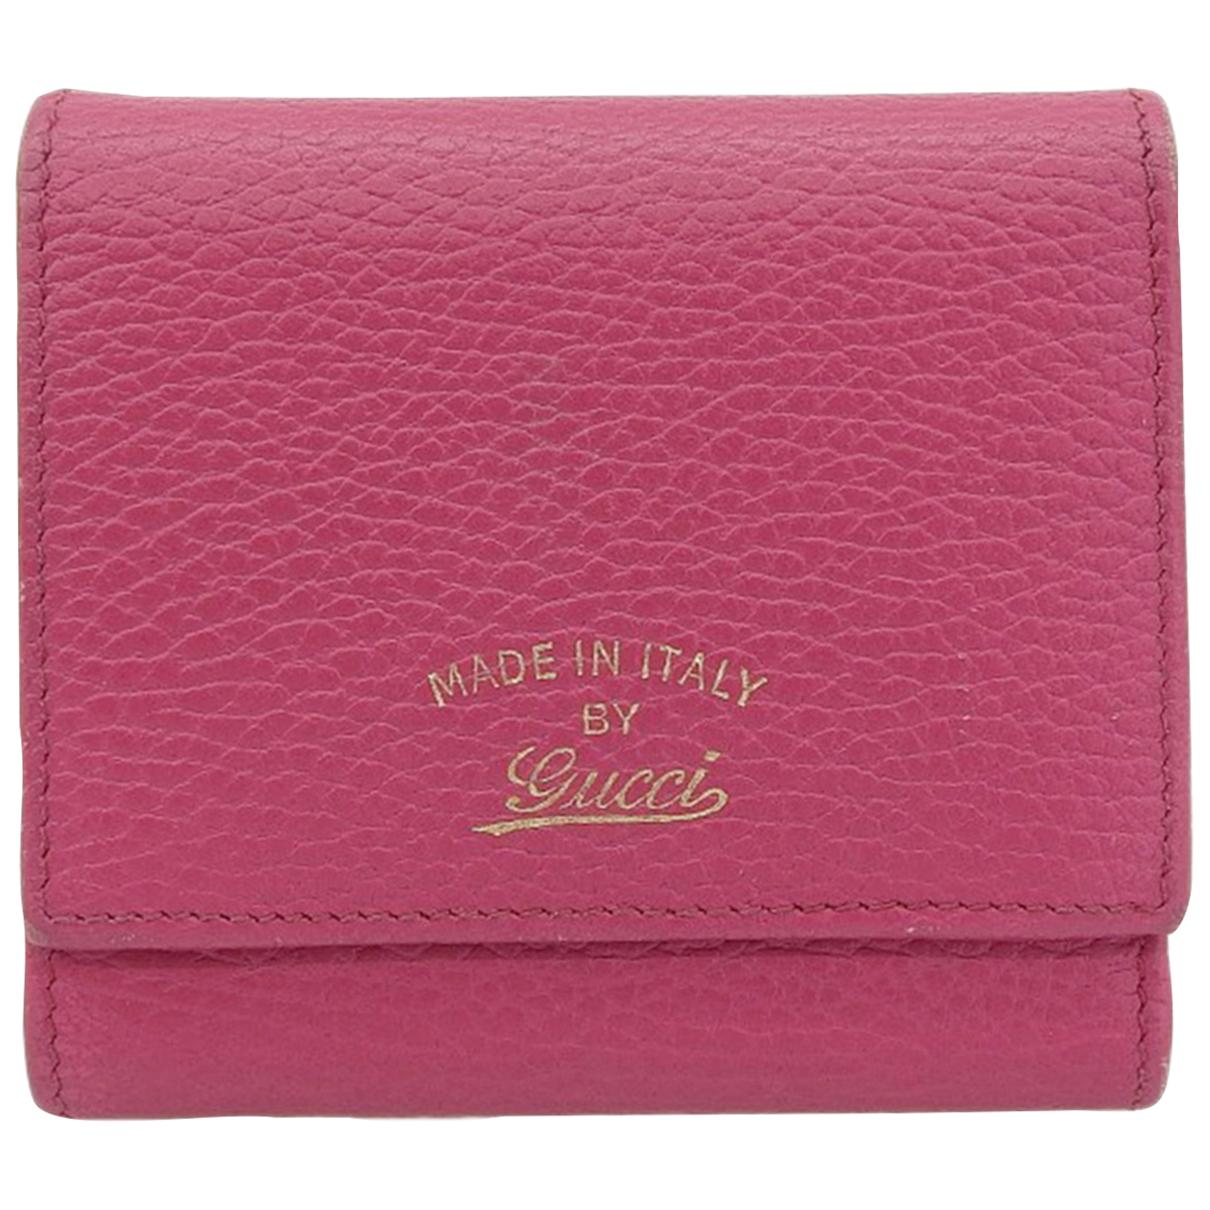 Gucci - Portefeuille   pour femme en cuir - rose